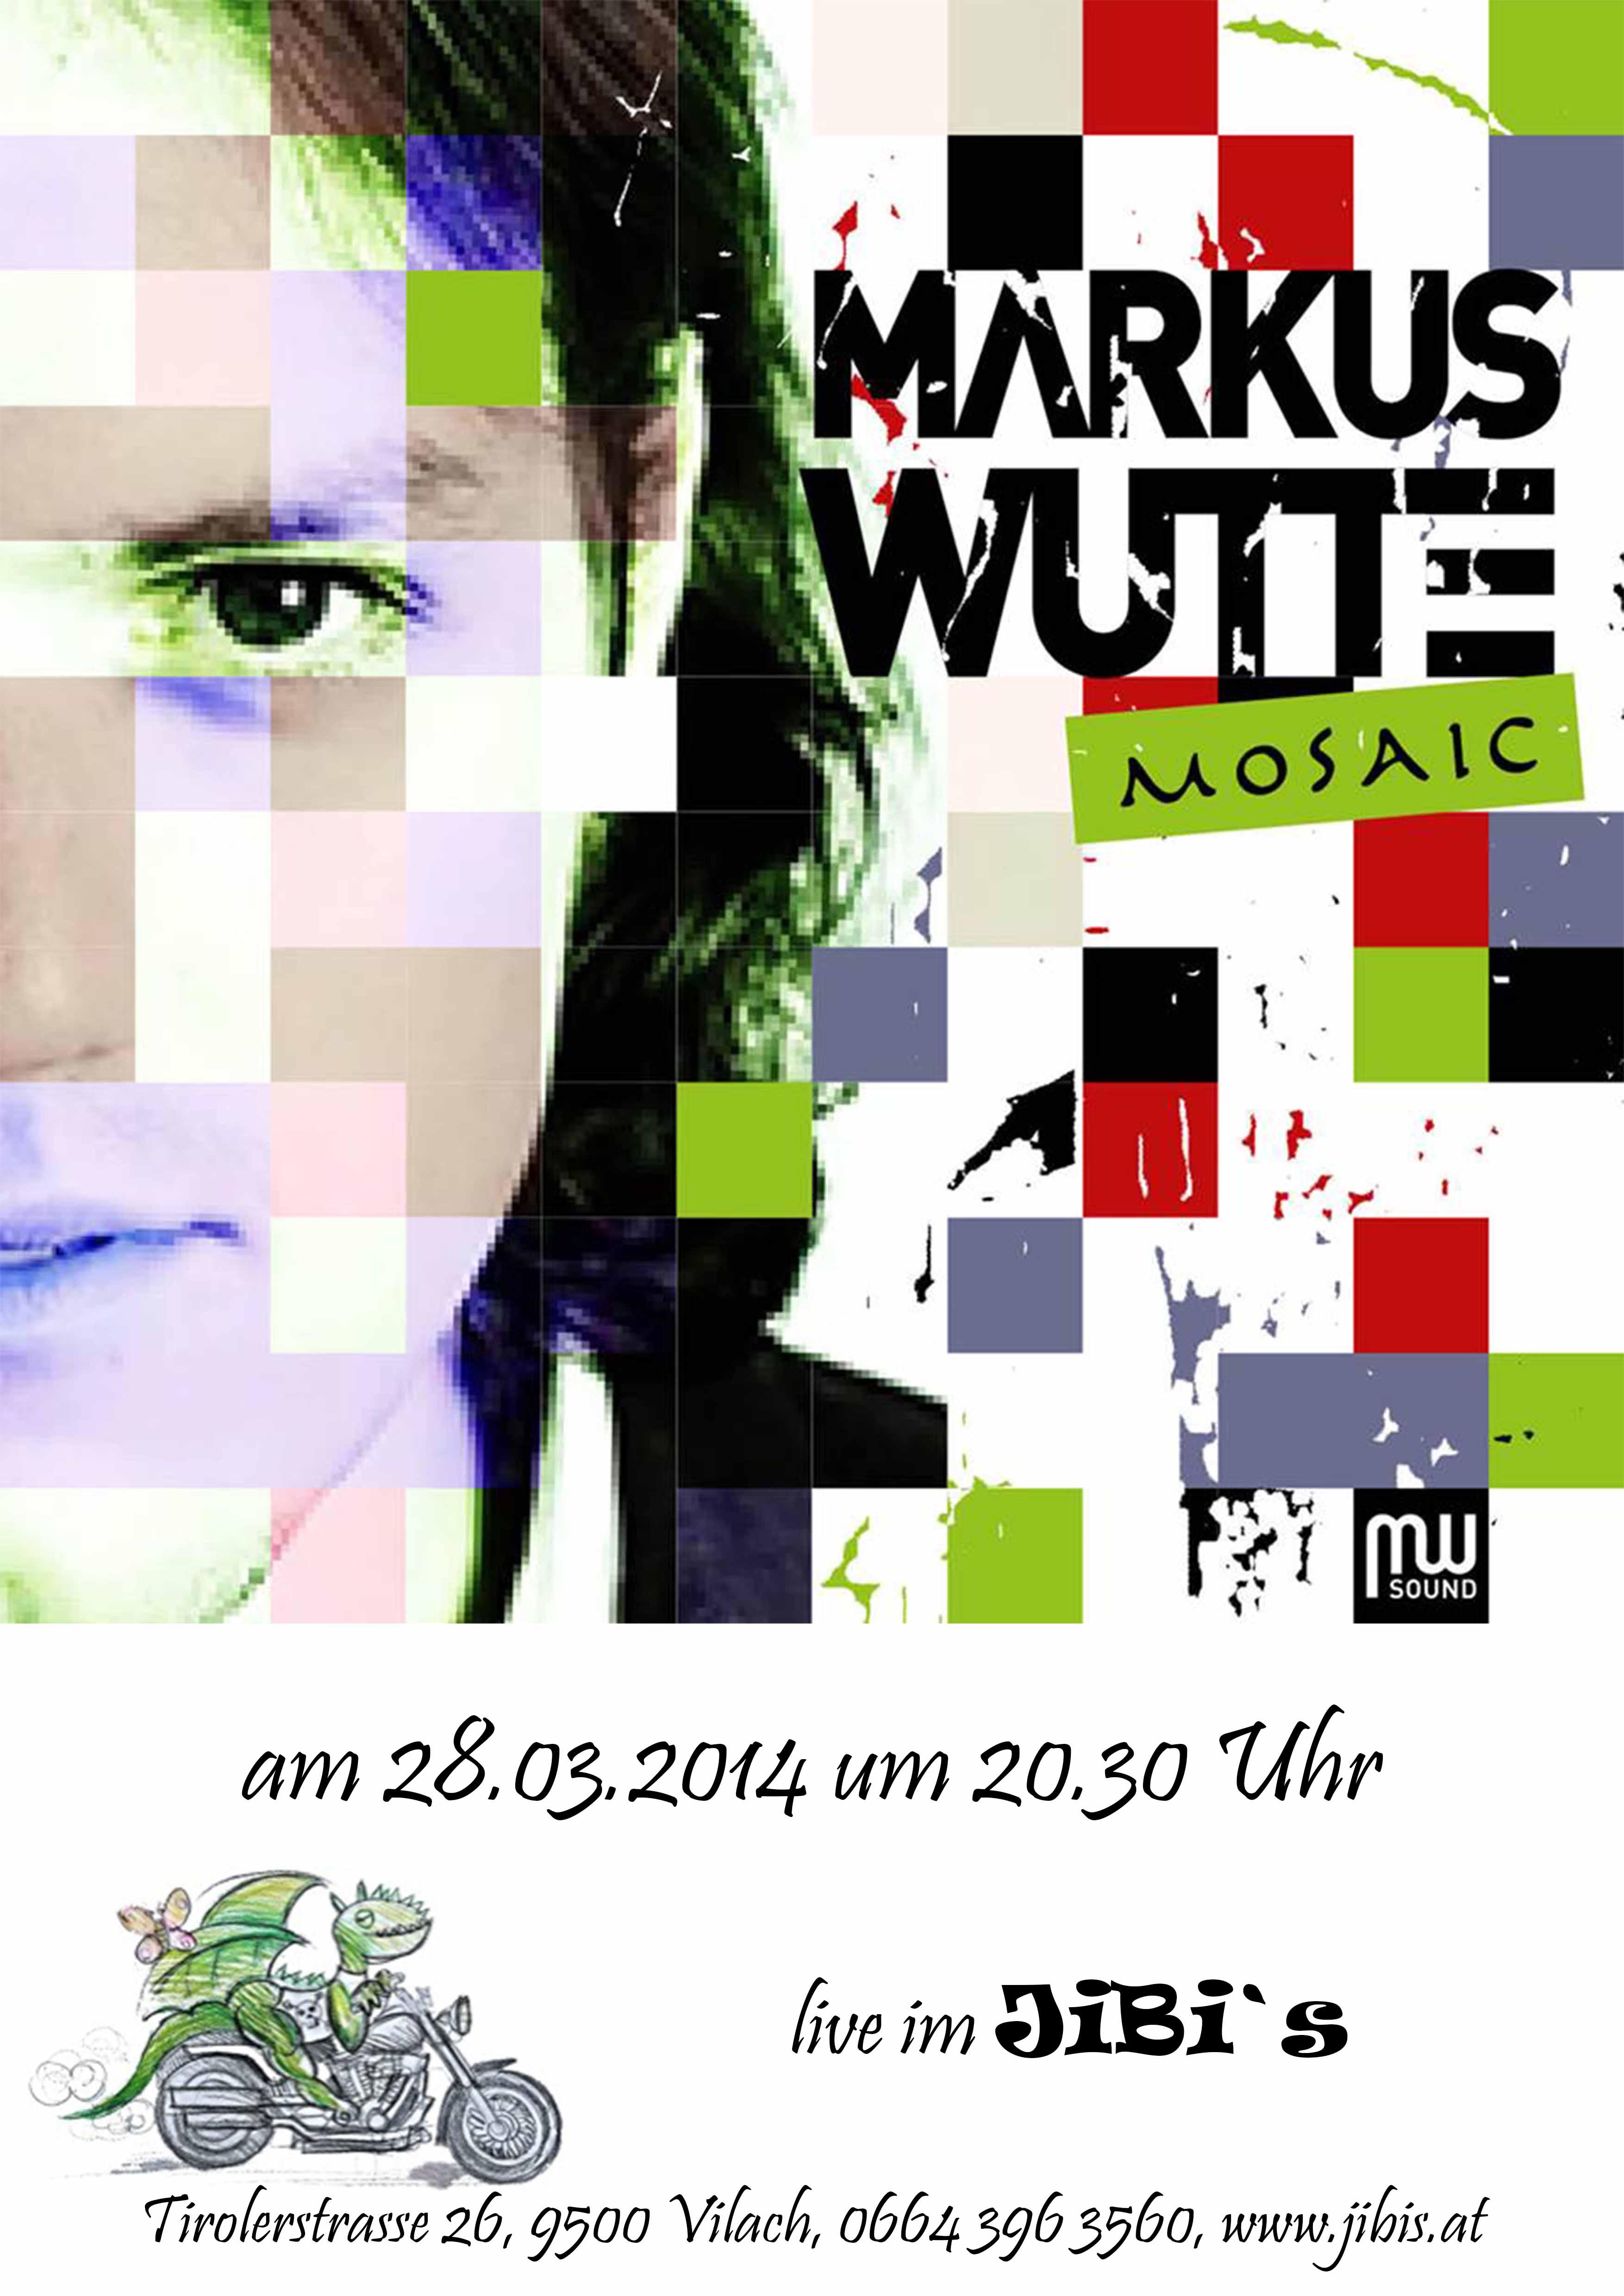 markus_wutte_a3_klein